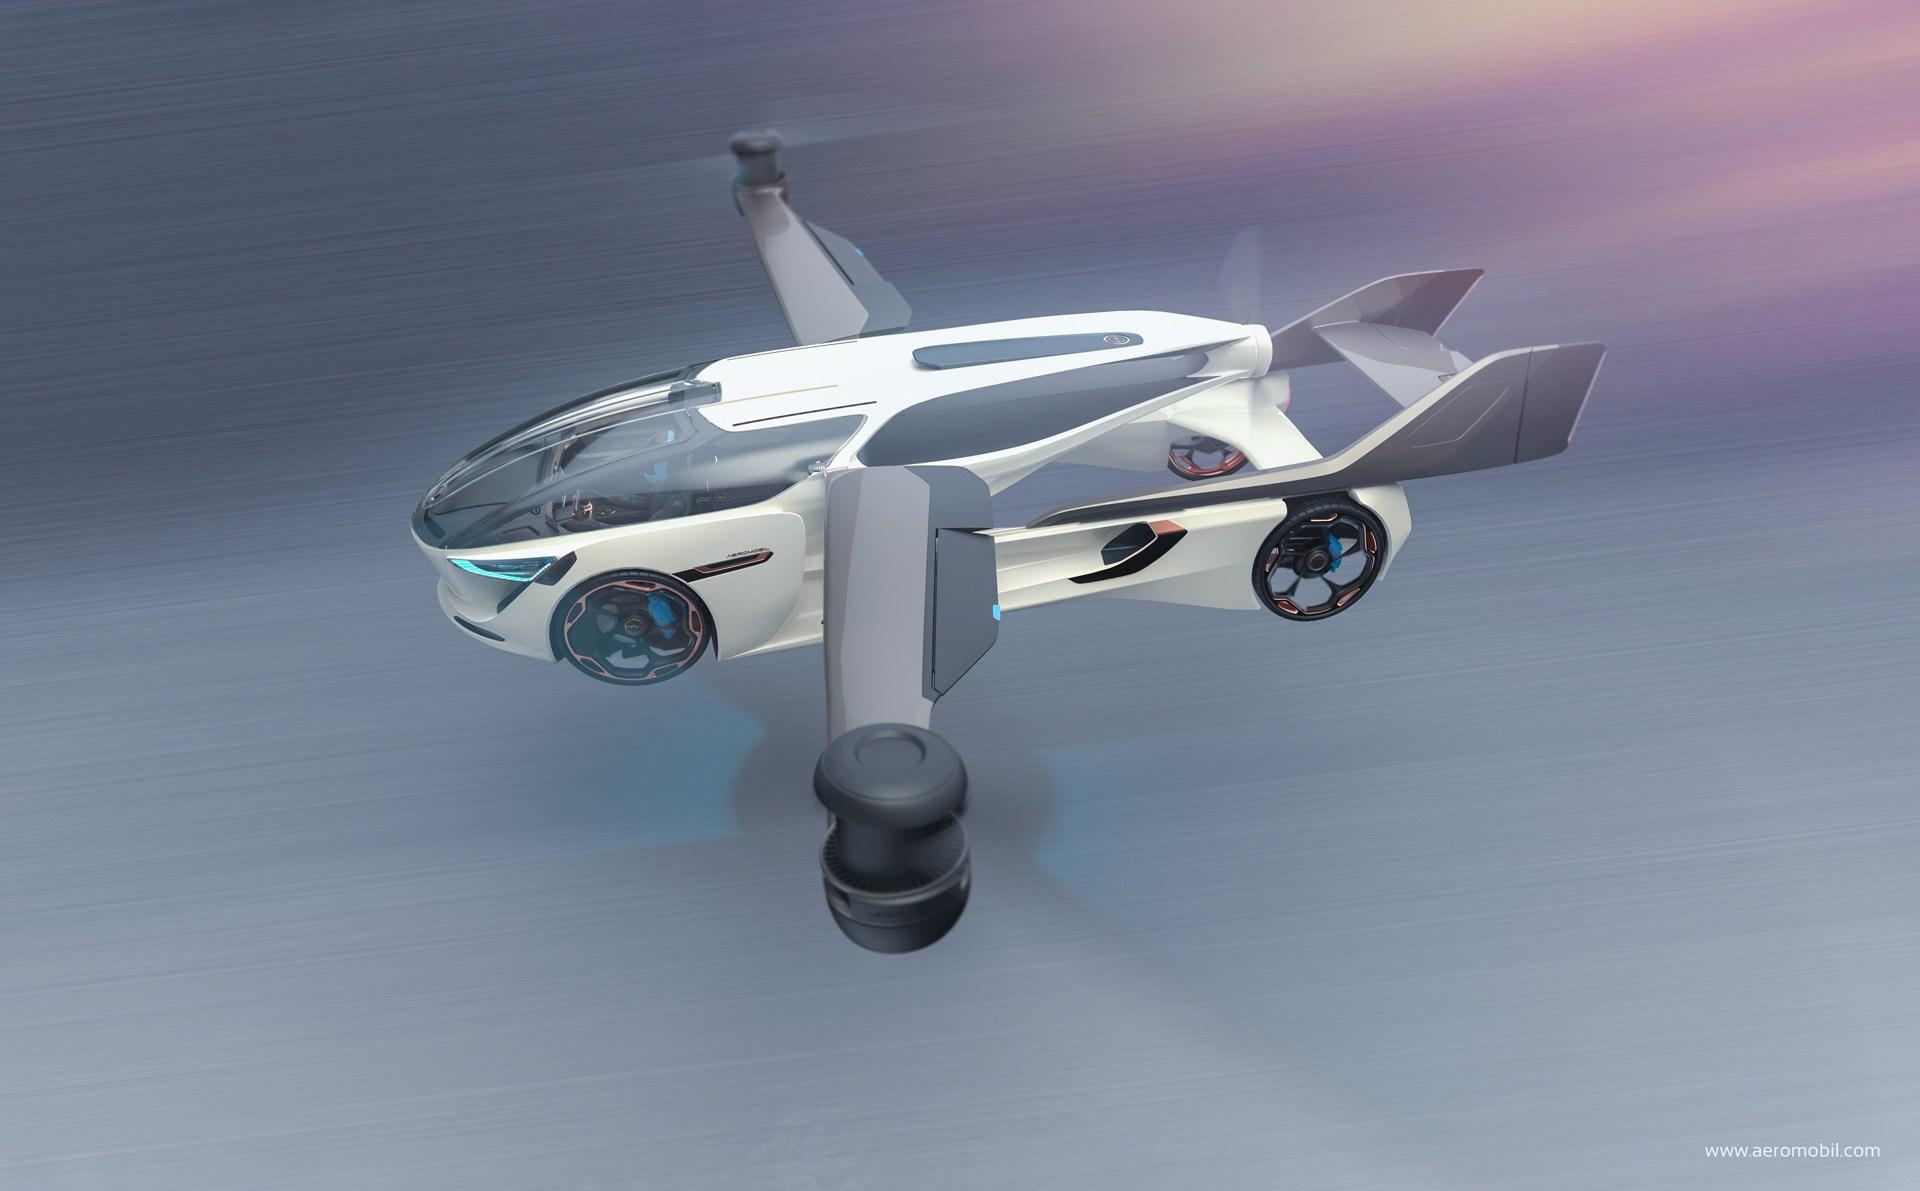 AeroMobil-5.0-VTOL-Concept-6